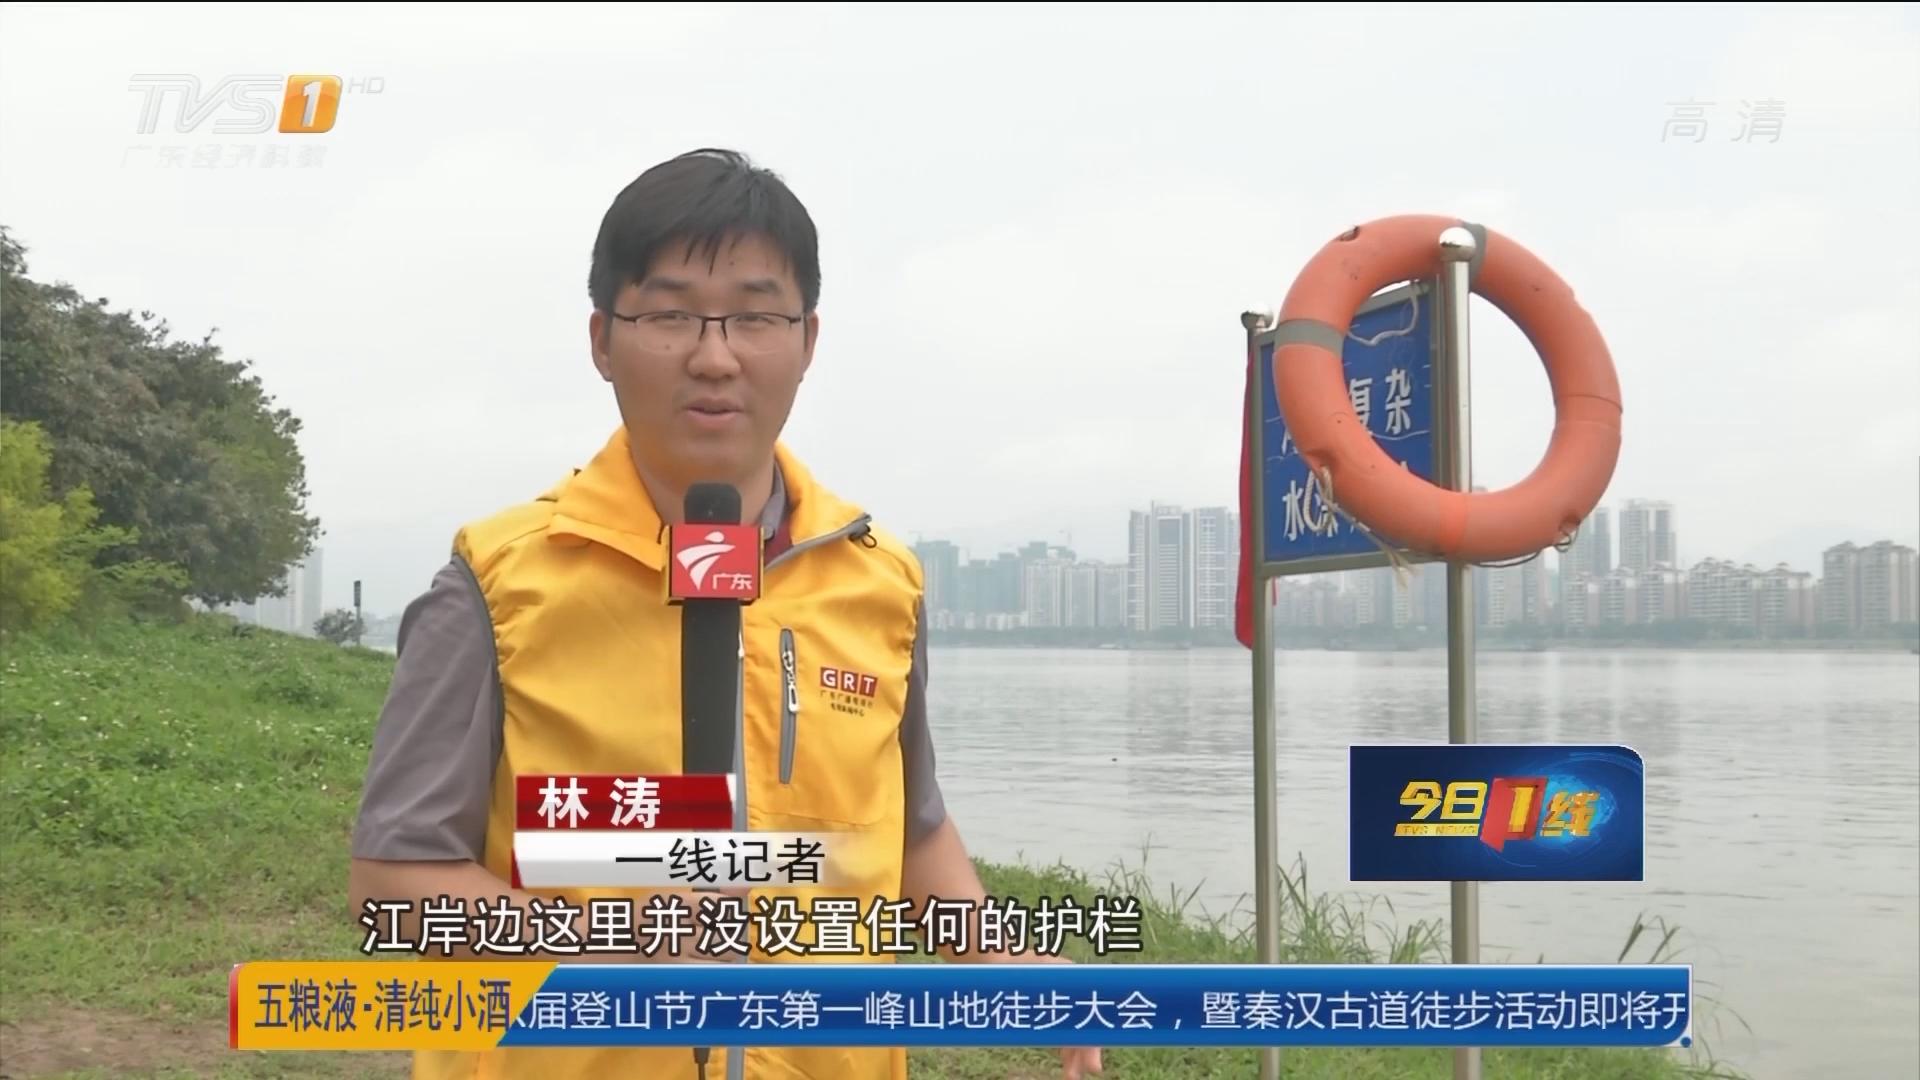 系列专栏:温度 清远街坊连续三年捐赠救生圈